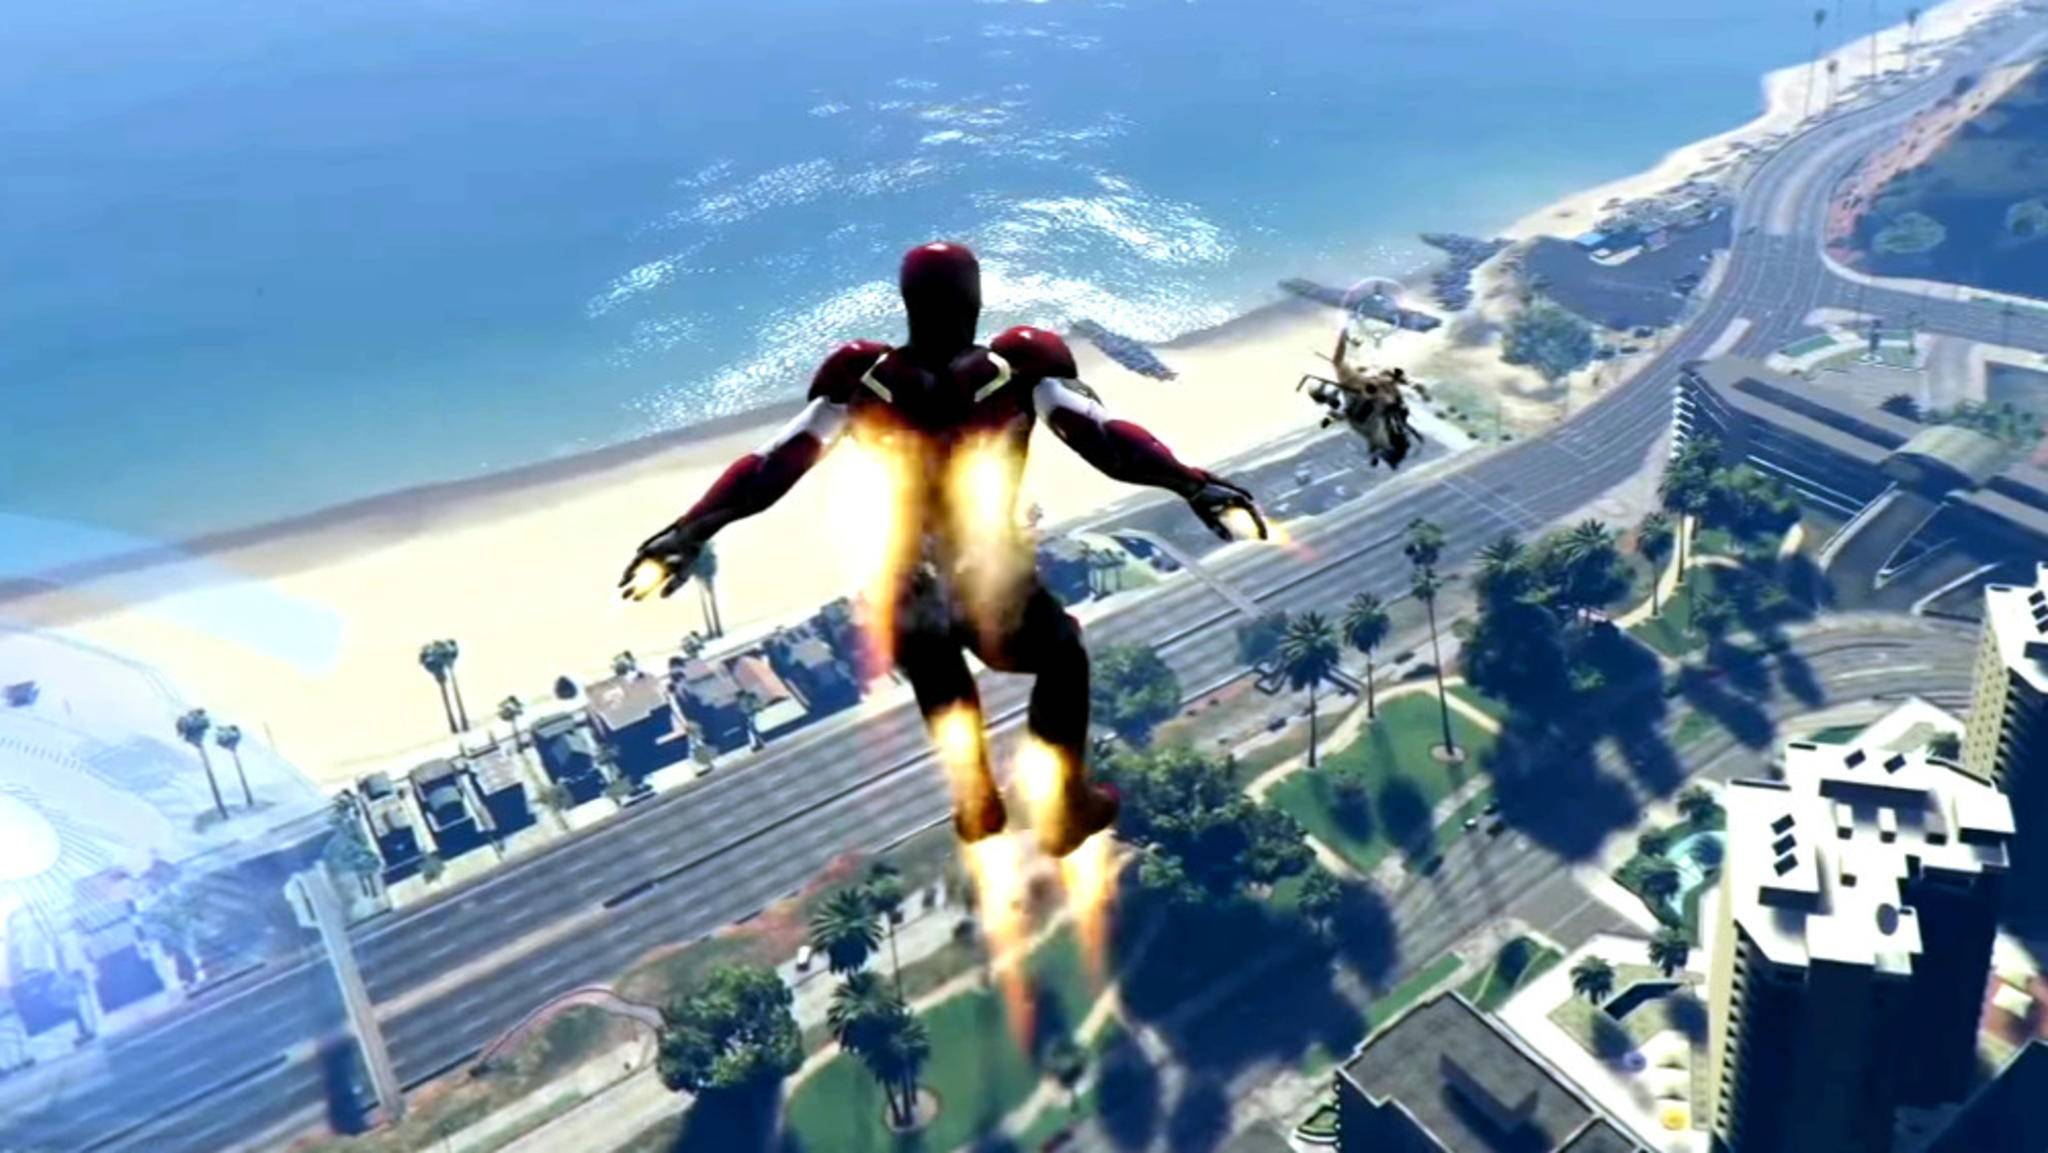 Als Iron Man über Los Santos schweben? Mit dem richtigen Mod gar kein Problem!